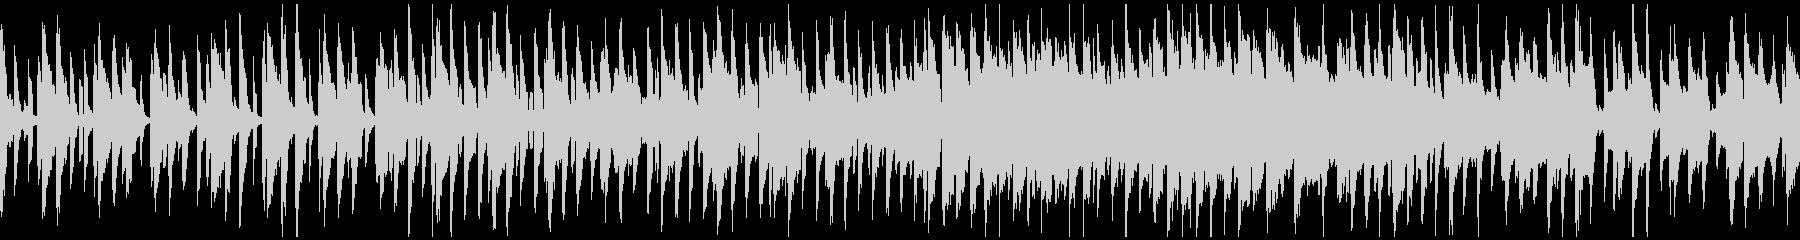 キュートなゆるいリコーダー ※ループ版の未再生の波形